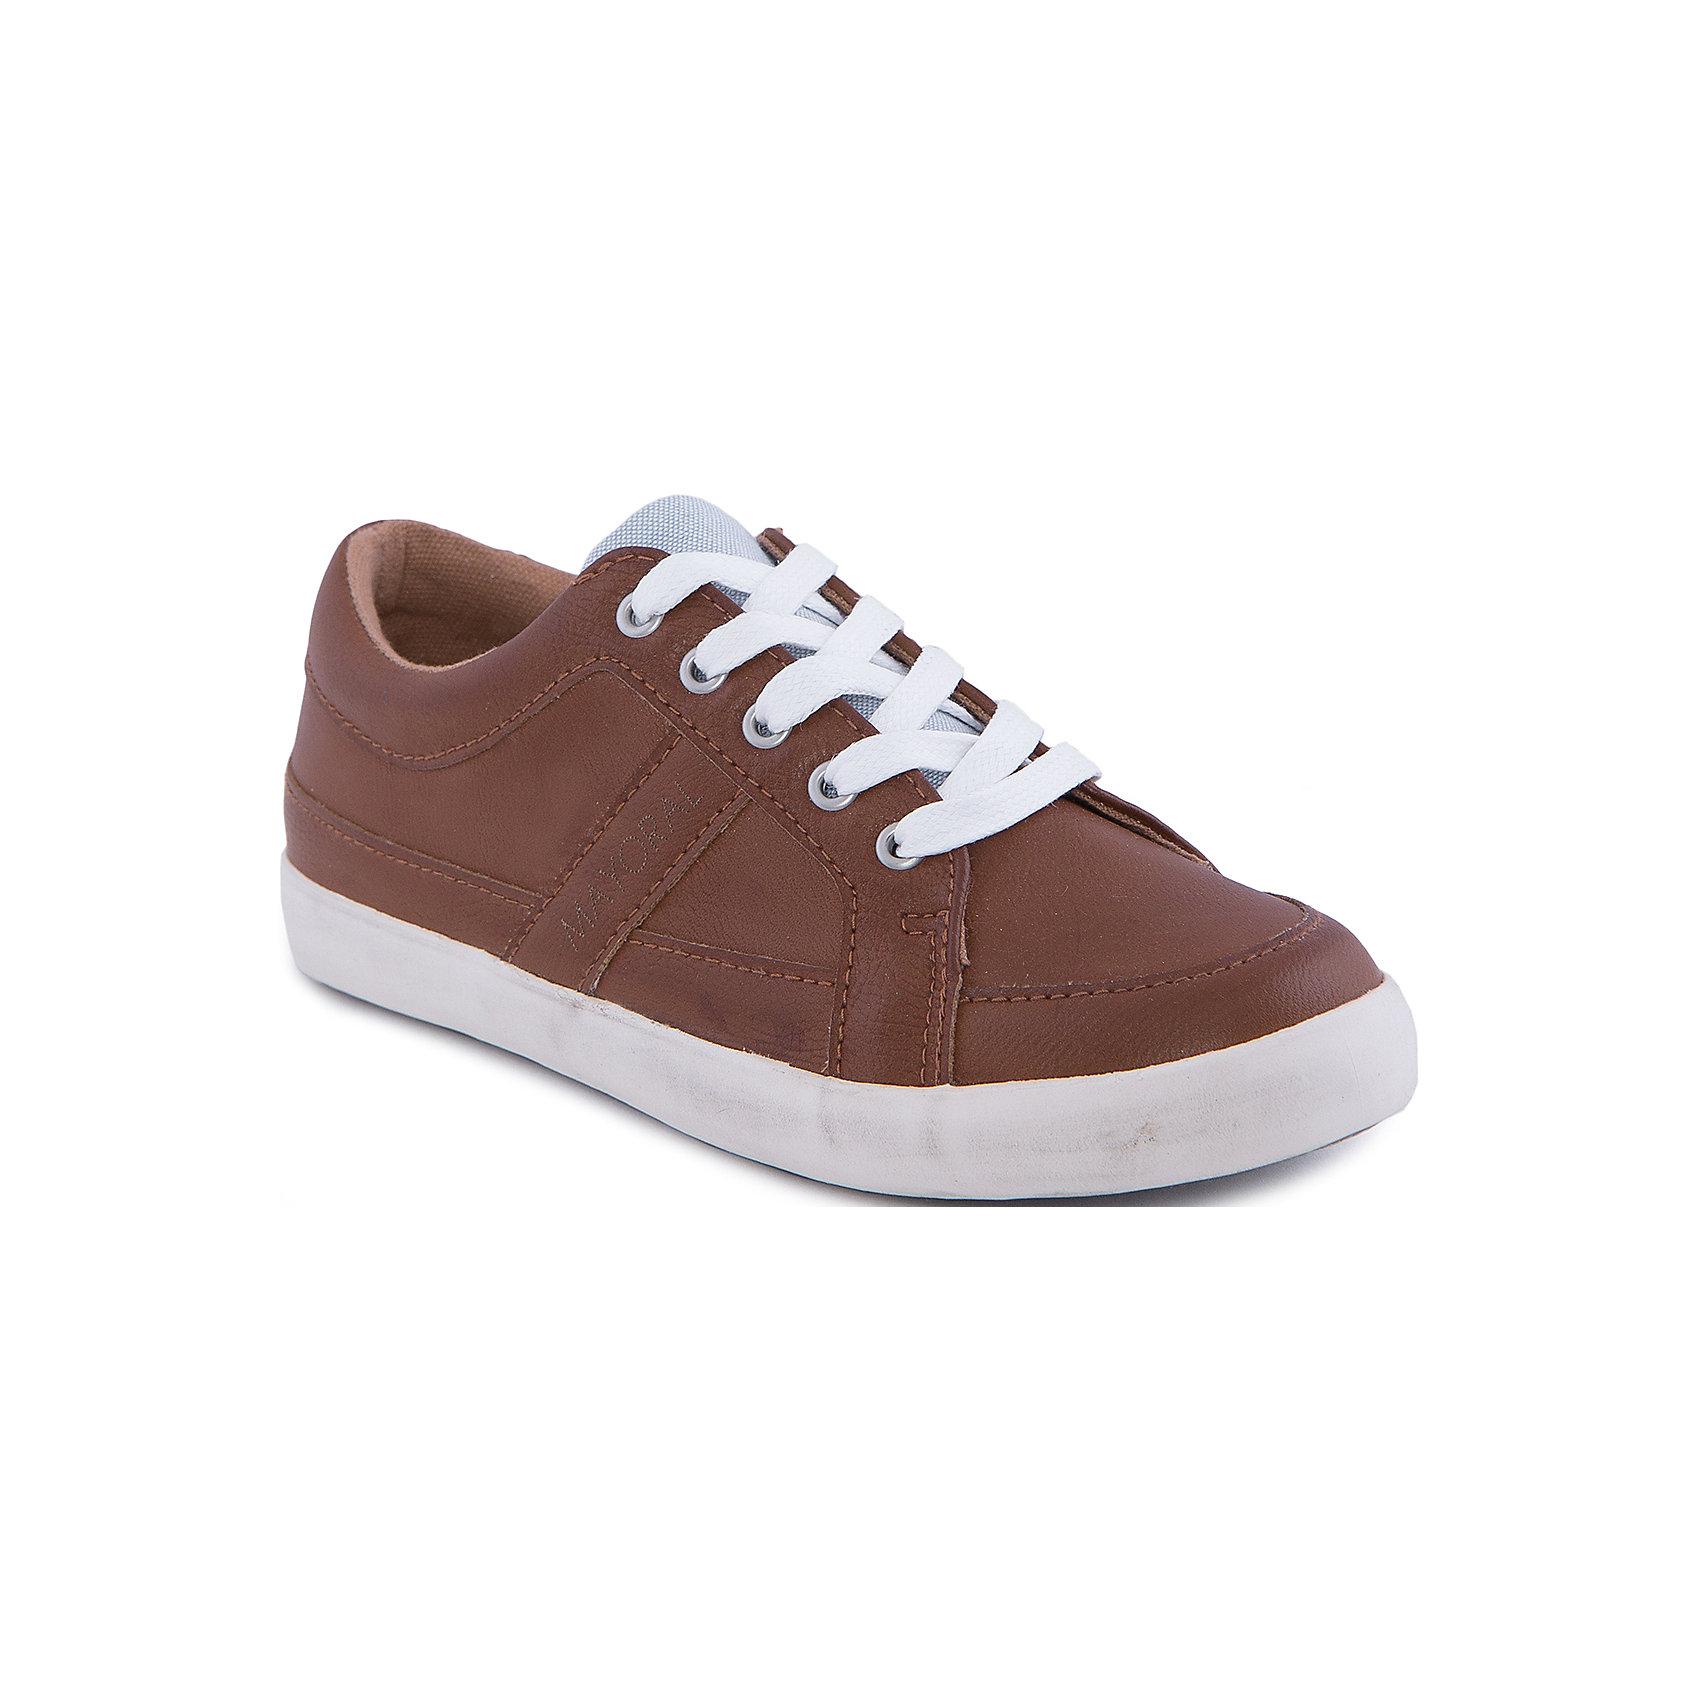 Ботинки MayoralБотинки от известной испанской марки Mayoral -  удобный и практичный вариант для повседневной носки.<br><br>Дополнительная информация:<br><br>- Рифленая подошва. <br>- На шнурках.<br>- Подкладка из мягкого хлопка. <br>- Состав: материал верха - 100% полиуретан; подкладка, стелька - 100 % хлопок; подошва - синтетический материал. <br><br>Ботинки Mayoral (Майорал) можно купить в нашем магазине.<br><br>Ширина мм: 262<br>Глубина мм: 176<br>Высота мм: 97<br>Вес г: 427<br>Цвет: коричневый<br>Возраст от месяцев: 156<br>Возраст до месяцев: 168<br>Пол: Унисекс<br>Возраст: Детский<br>Размер: 37,34,38,36,35,33,32,31<br>SKU: 4540499